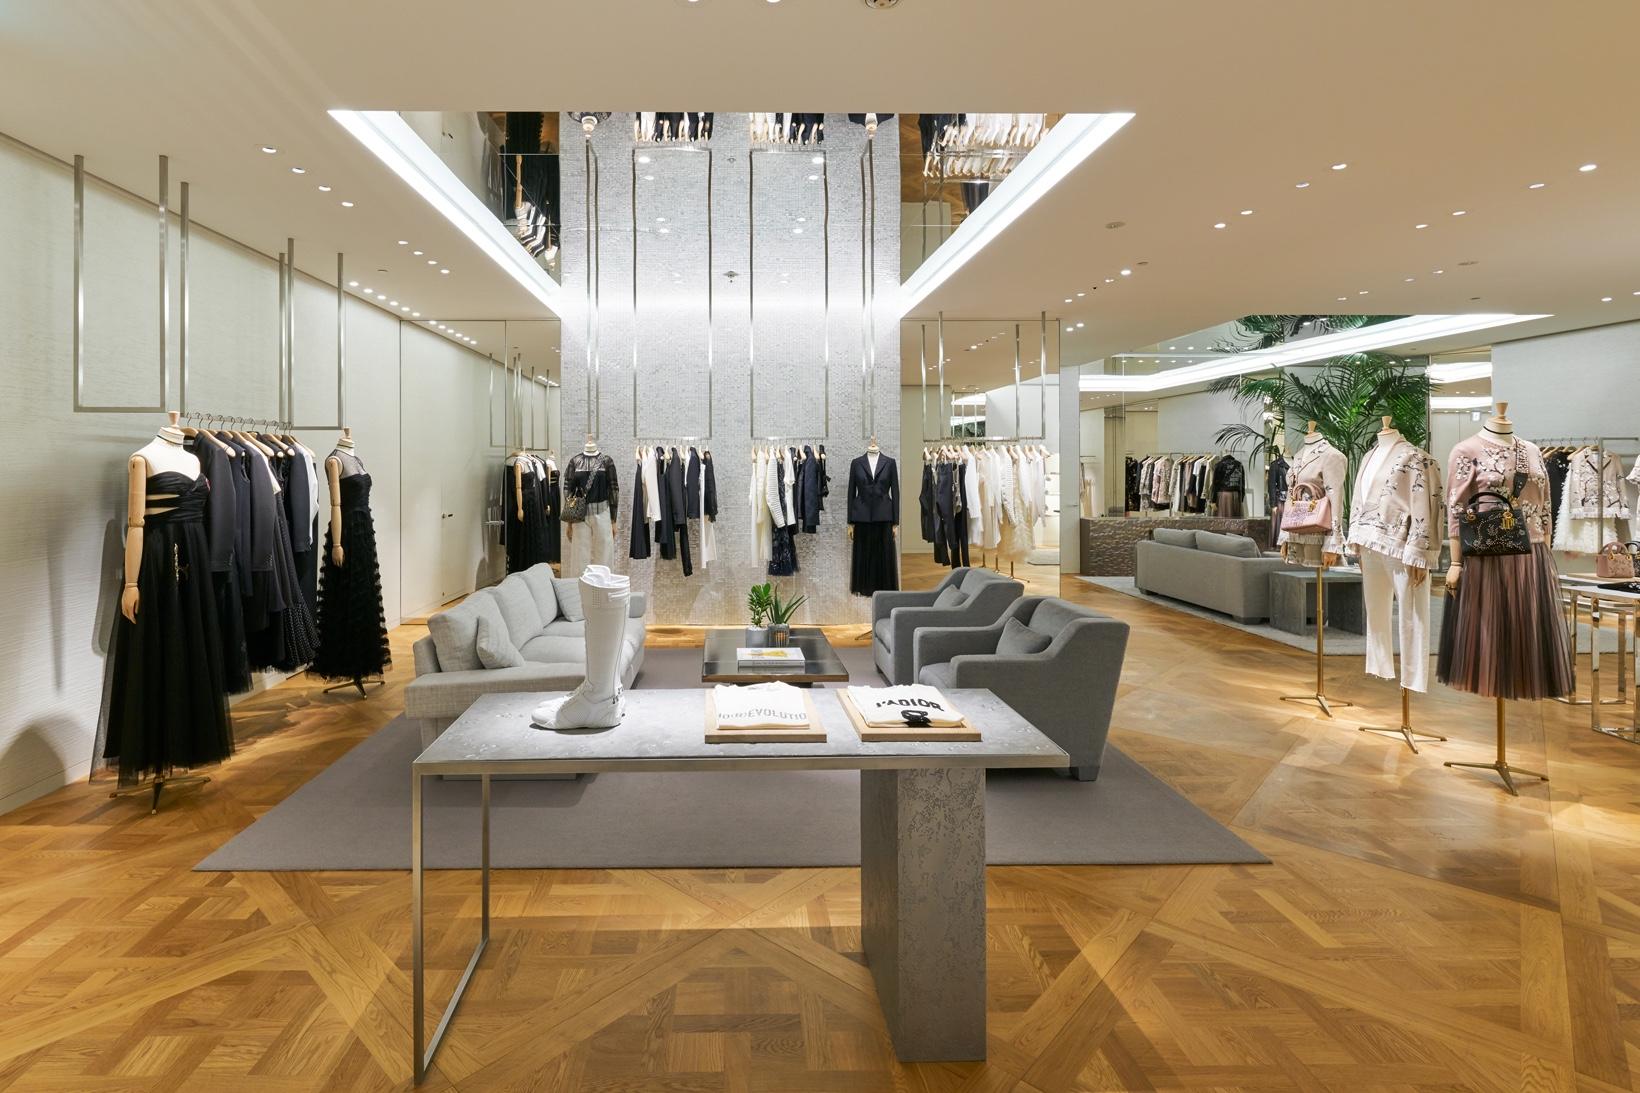 Загляните внутрь нового экстравагантного магазина Dior в Токио